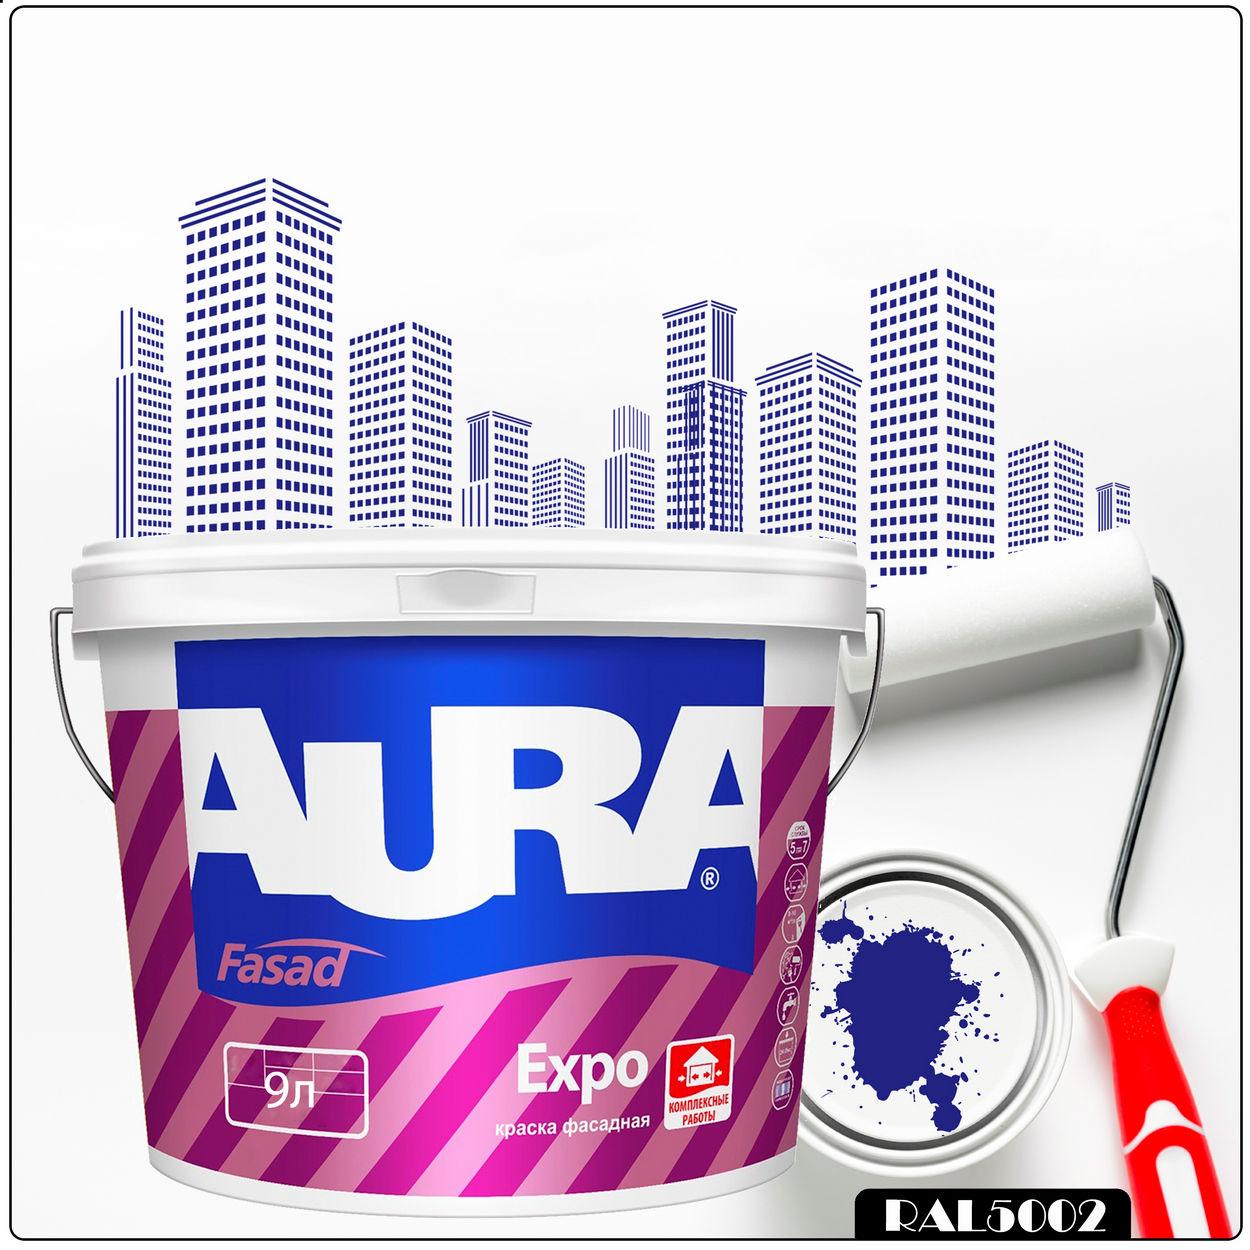 Фото 3 - Краска Aura Fasad Expo, RAL 5002 Ультрамариново-синий, матовая, для фасадов и помещений с повышенной влажностью, 9л.